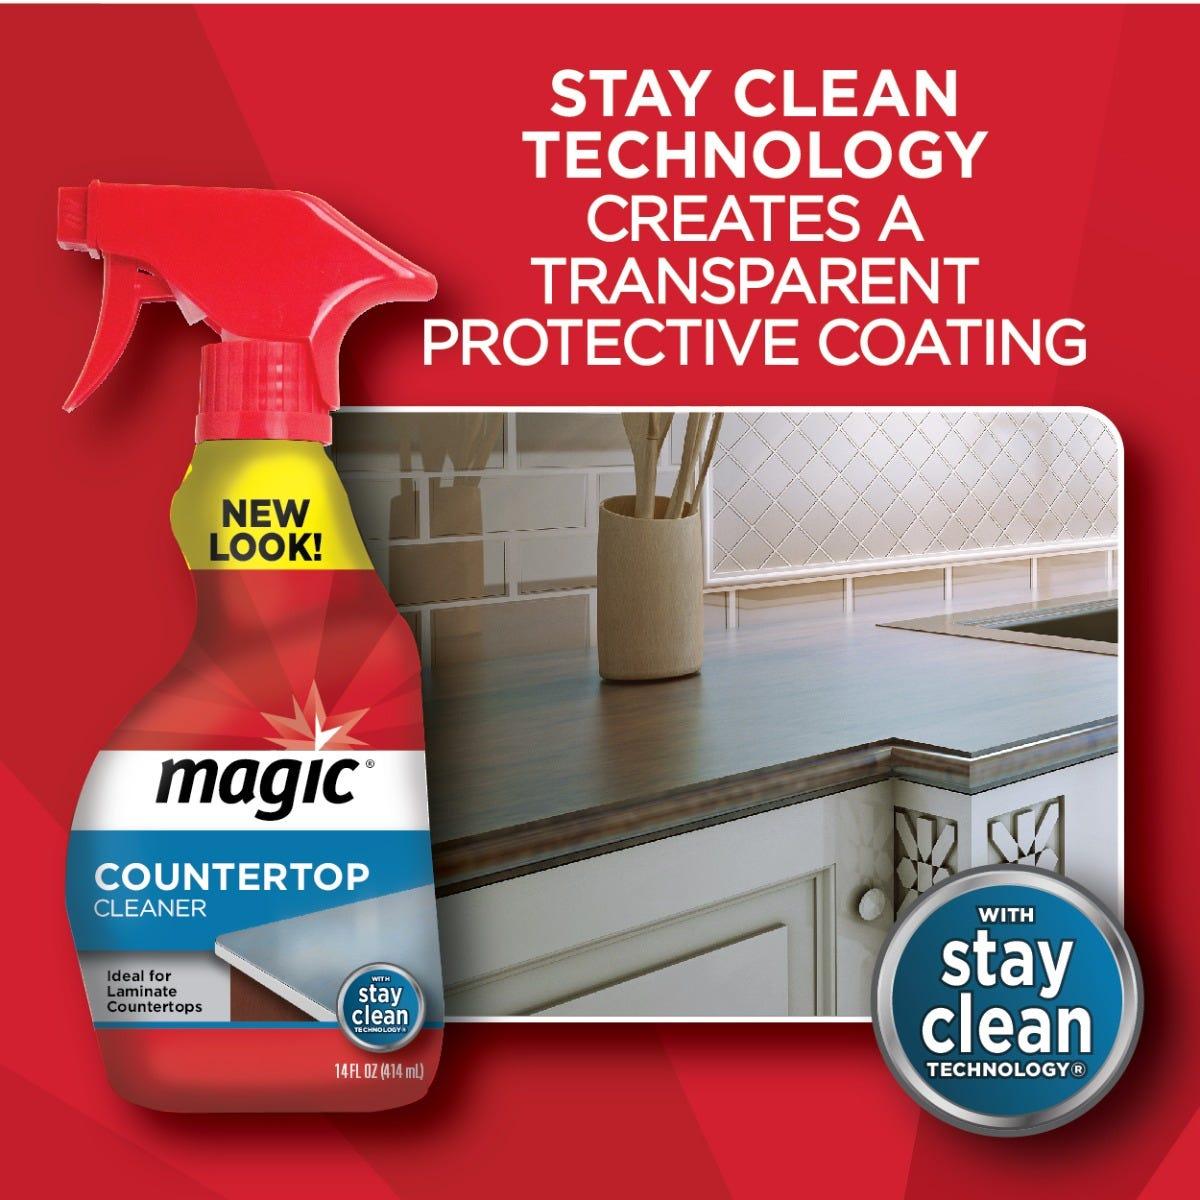 Countertop Cleaner